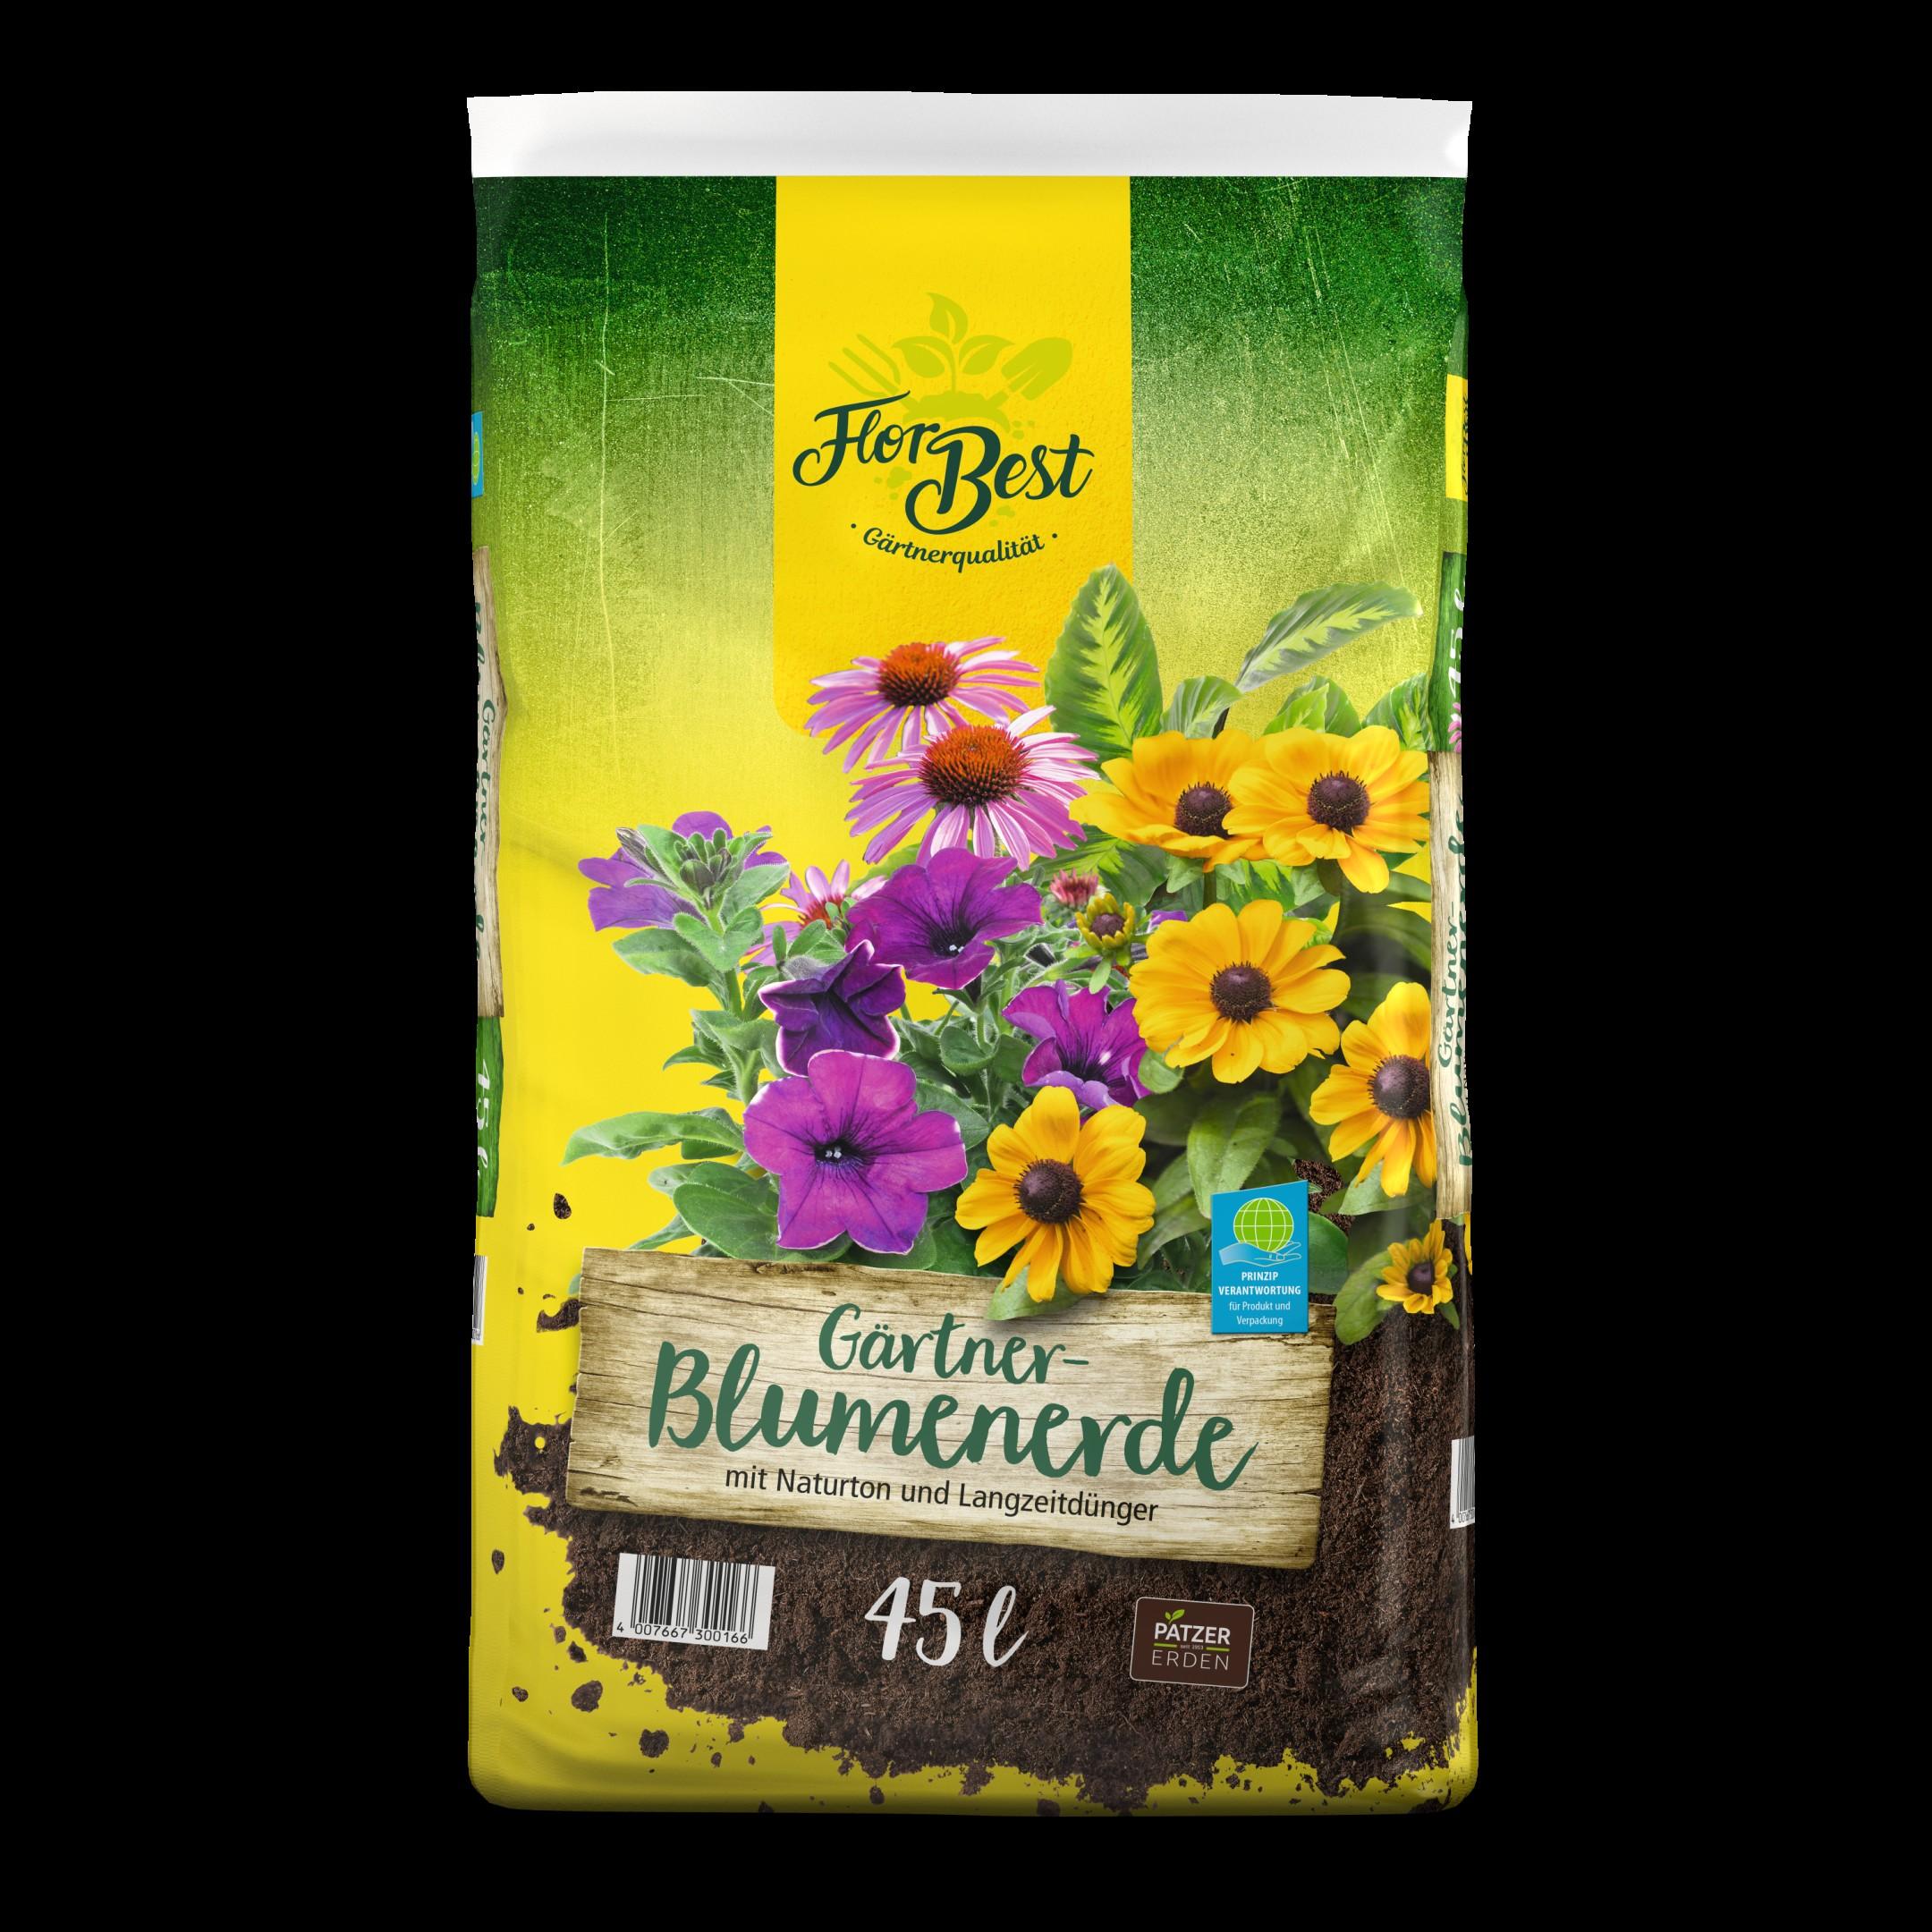 Florbest Blumenerde 45l Bild 1